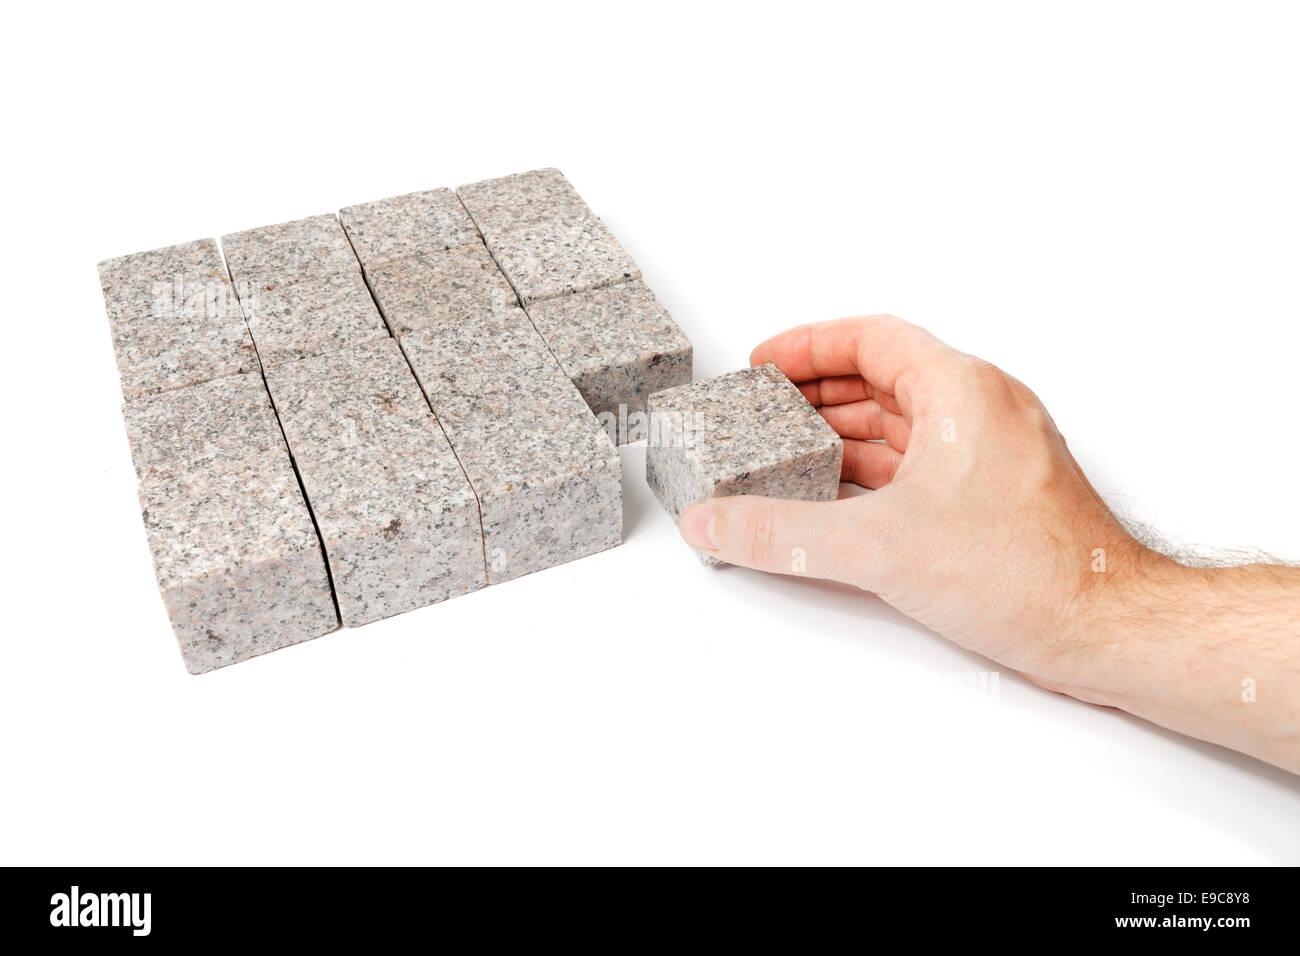 Mann, der eine quadratische Form der Blöcke aus Granitstein. Stockbild